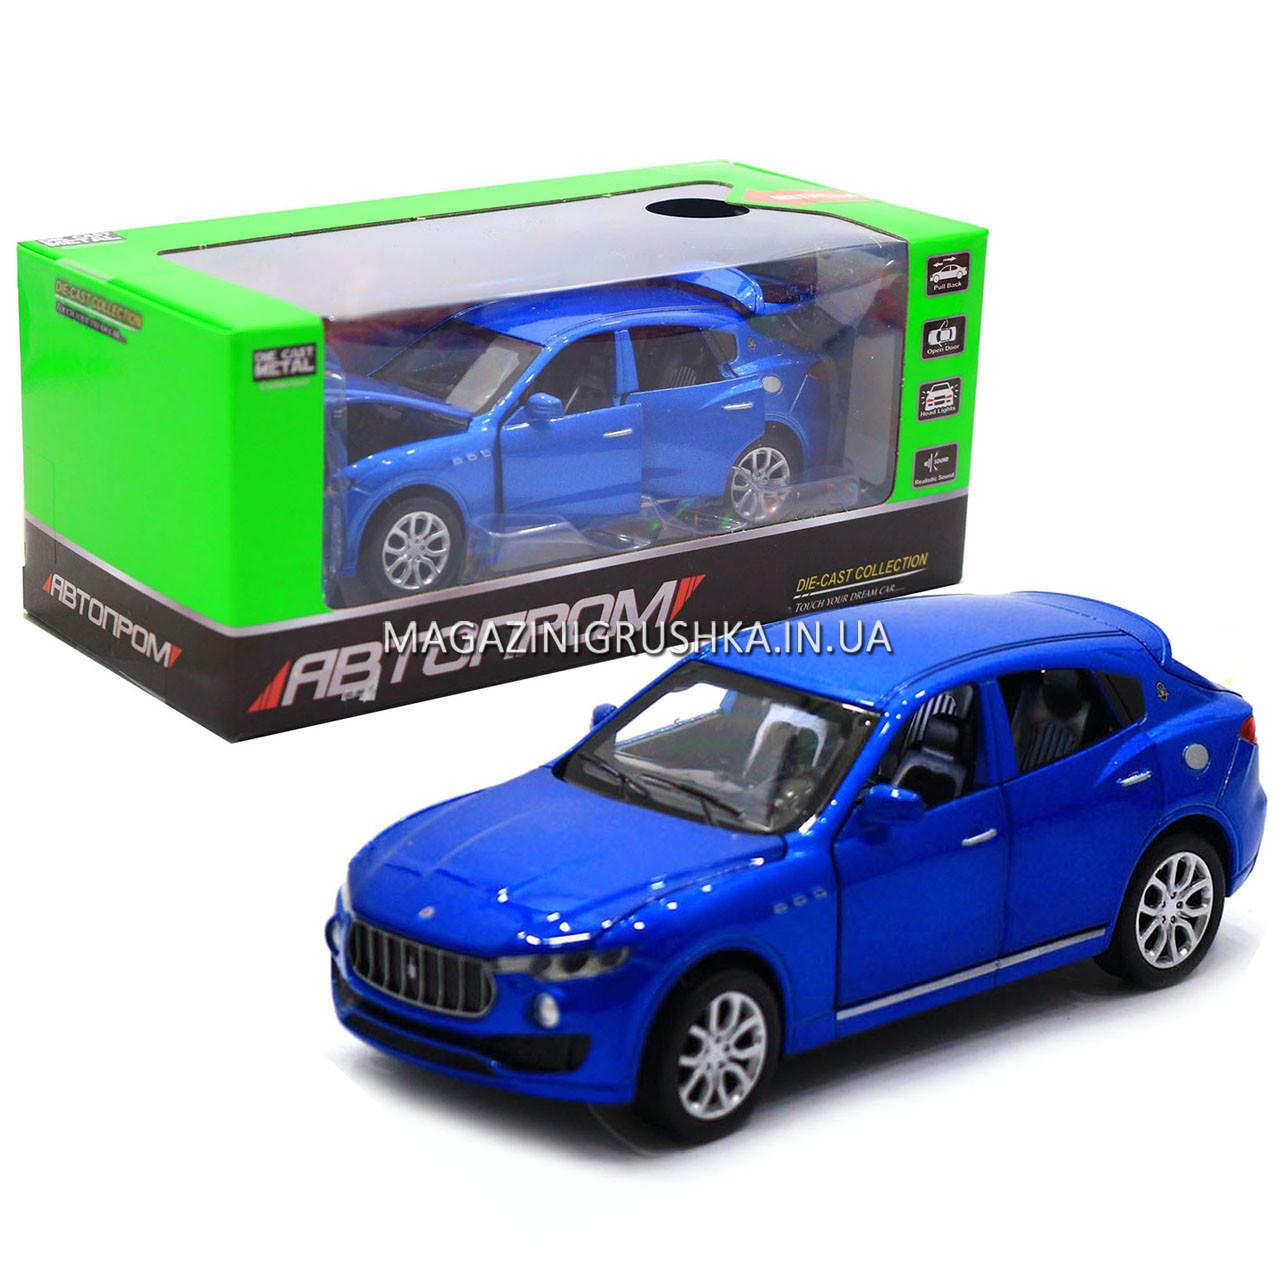 Машинка игровая автопром «Maserati levante», 14 см, свет, звук, двери открываются, синий (7641)